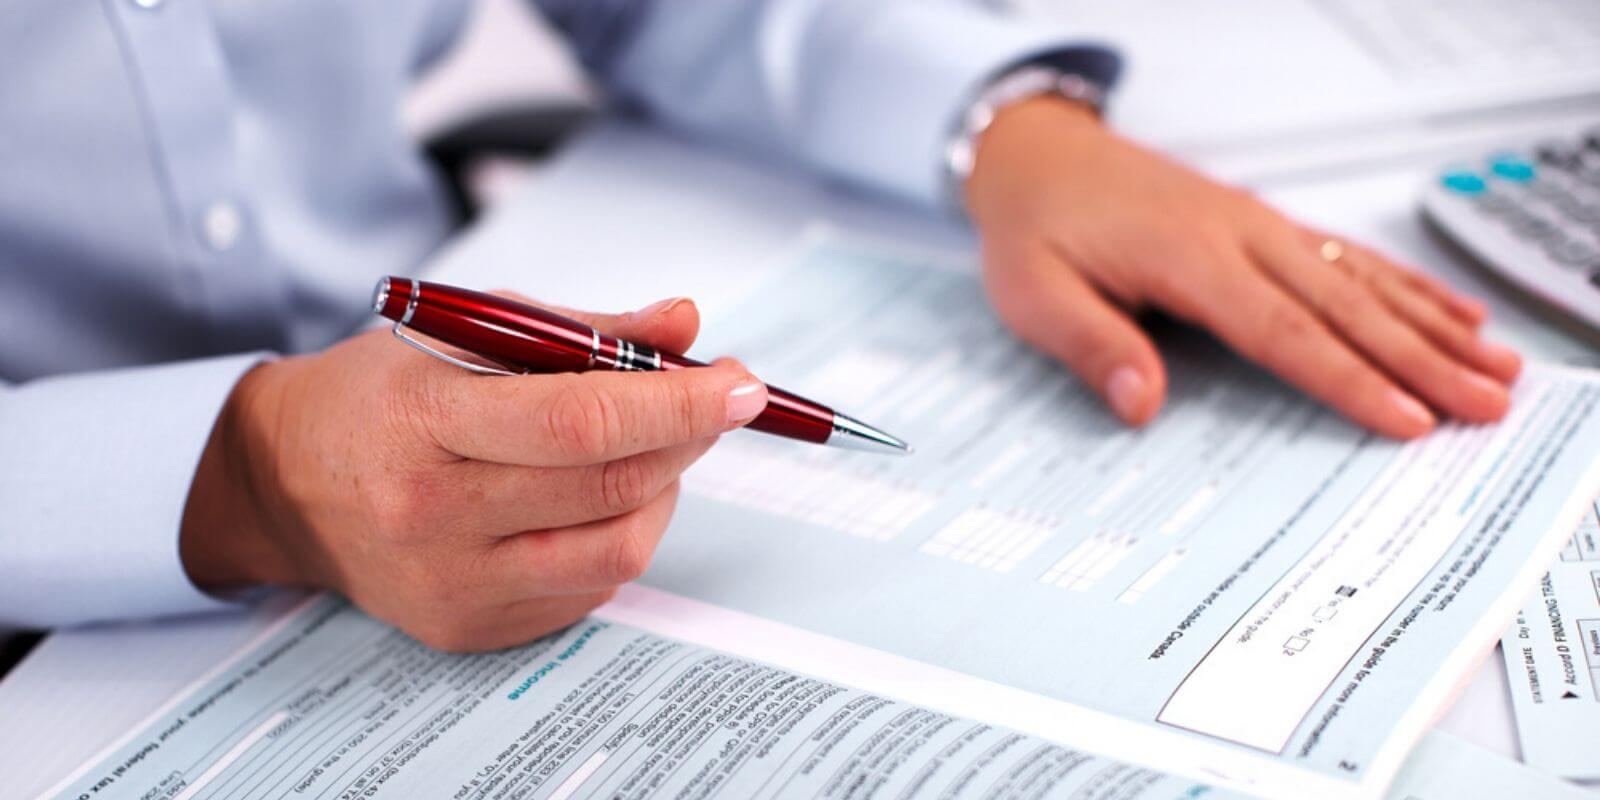 Impôts: le «Formulaire de déclaration des comptes d'actifs numériques» est en ligne pour les Français